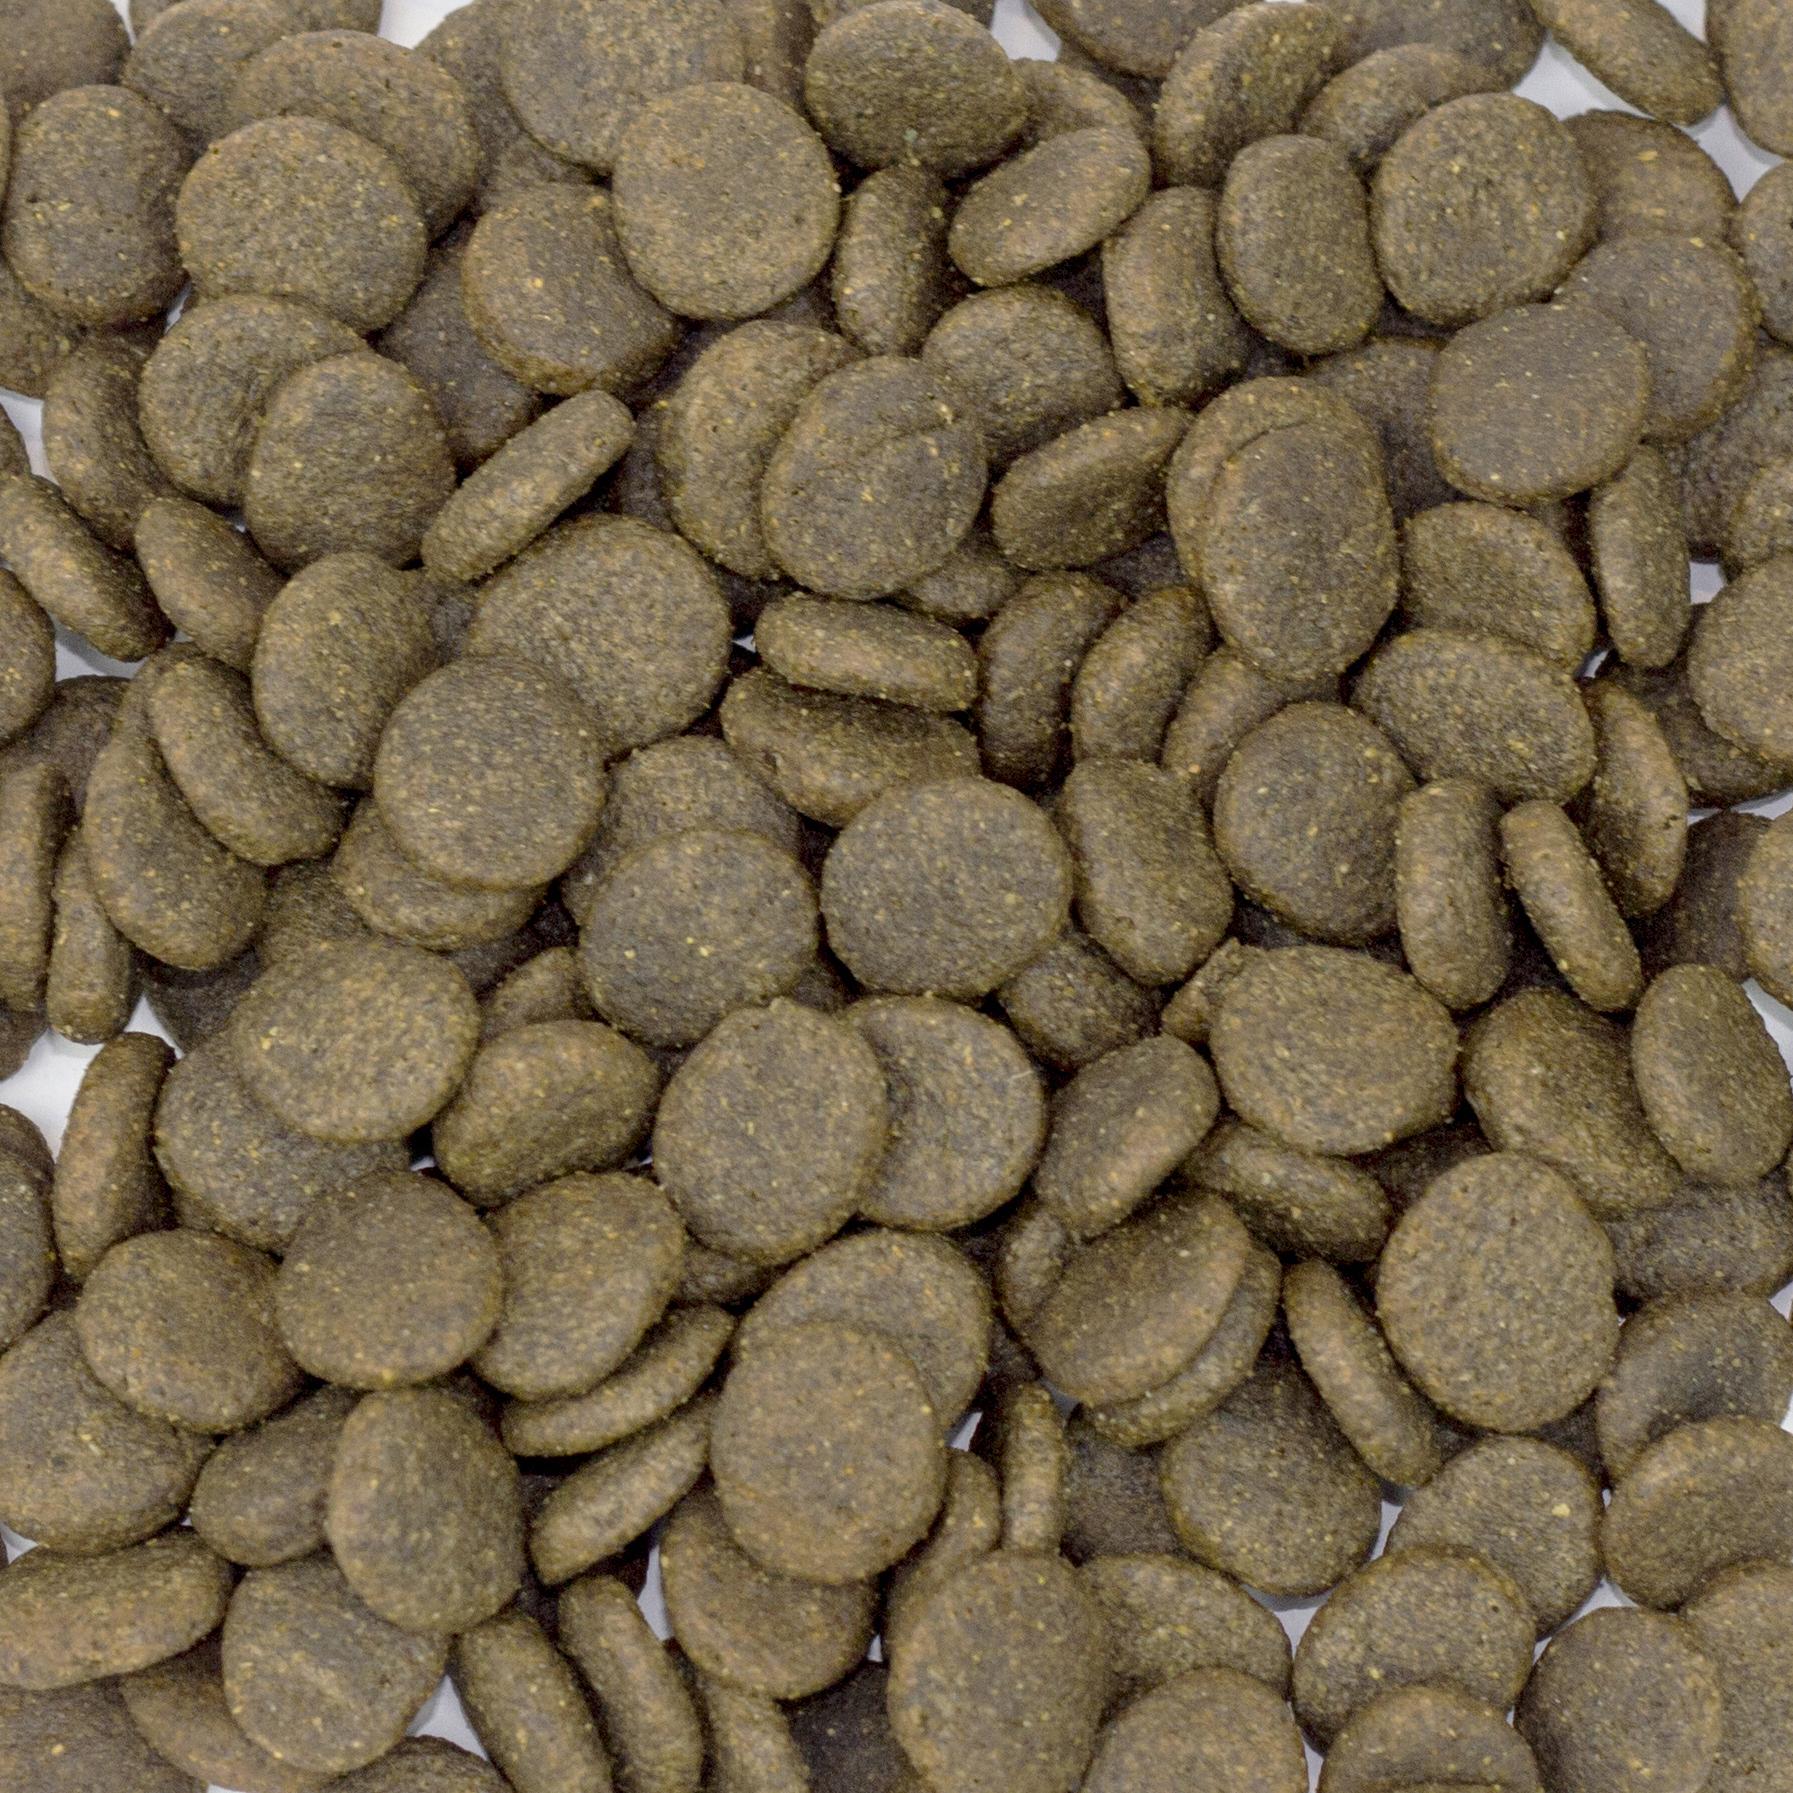 Łosoś i pstrąg ze szparagami dla psów 100g próbka